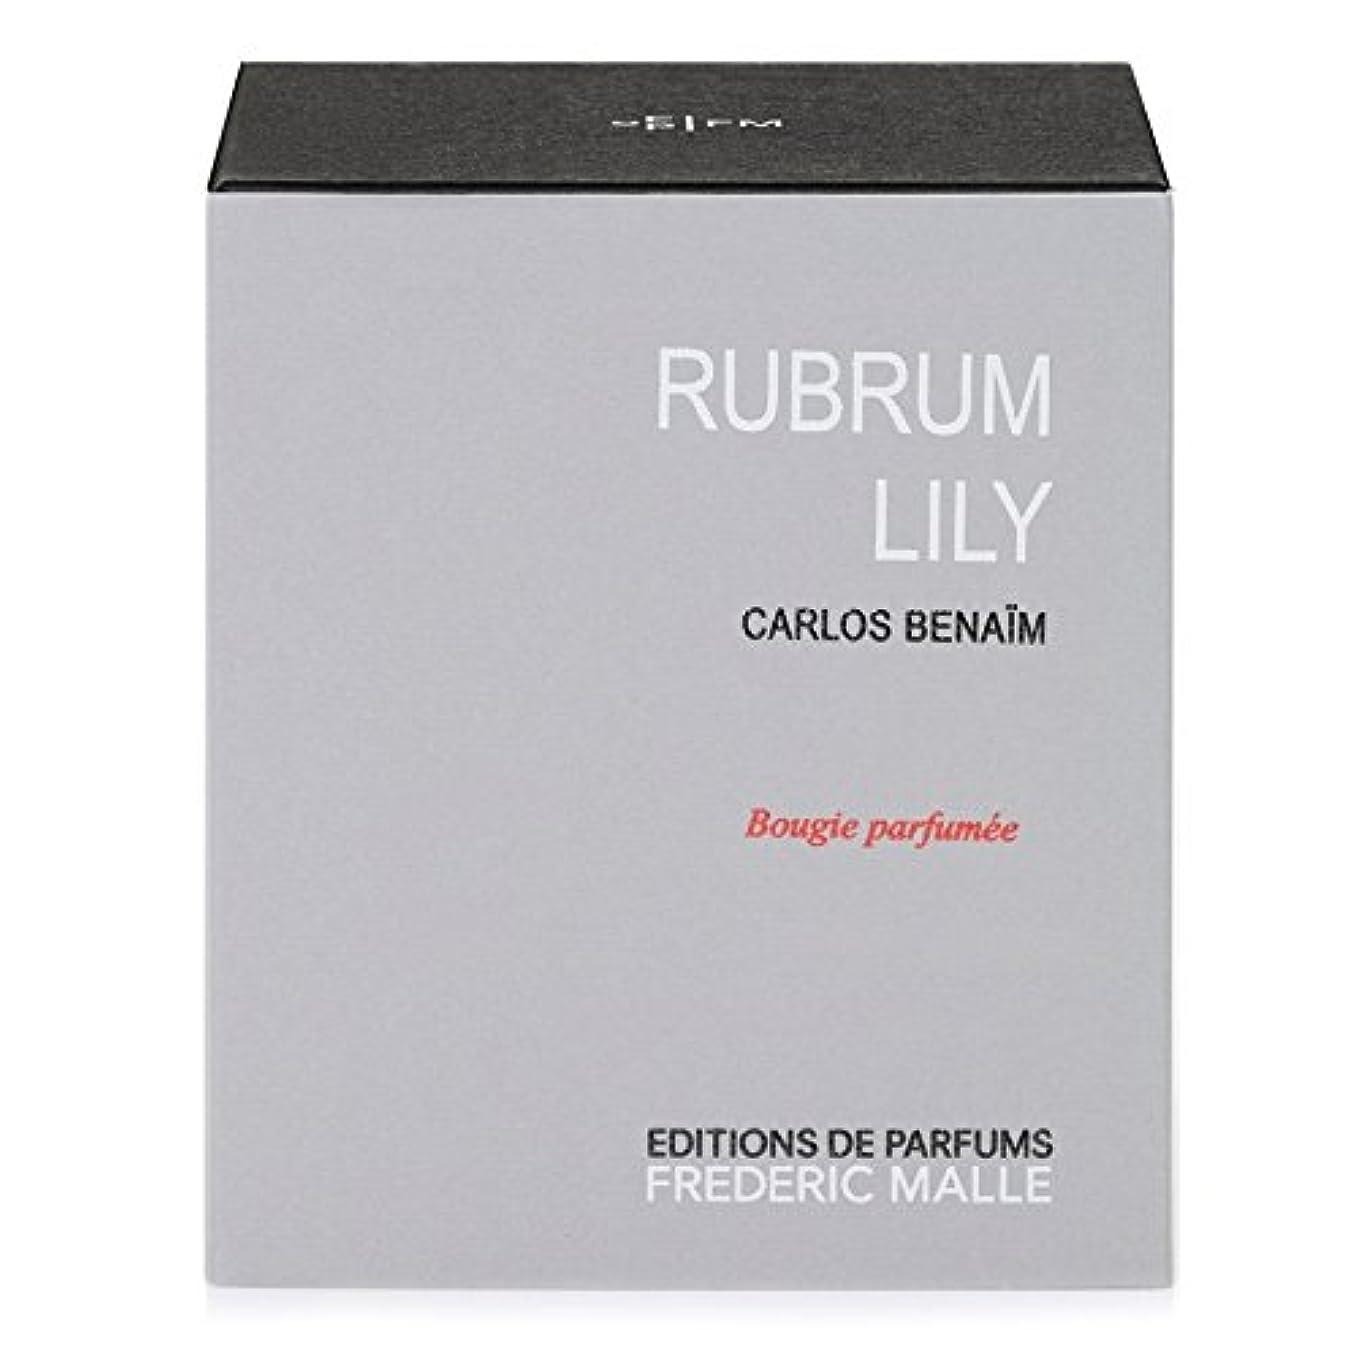 なにアンタゴニスト皮フレデリック?マルルブルムユリの香りのキャンドル x6 - Frederic Malle Rubrum Lily Scented Candle (Pack of 6) [並行輸入品]